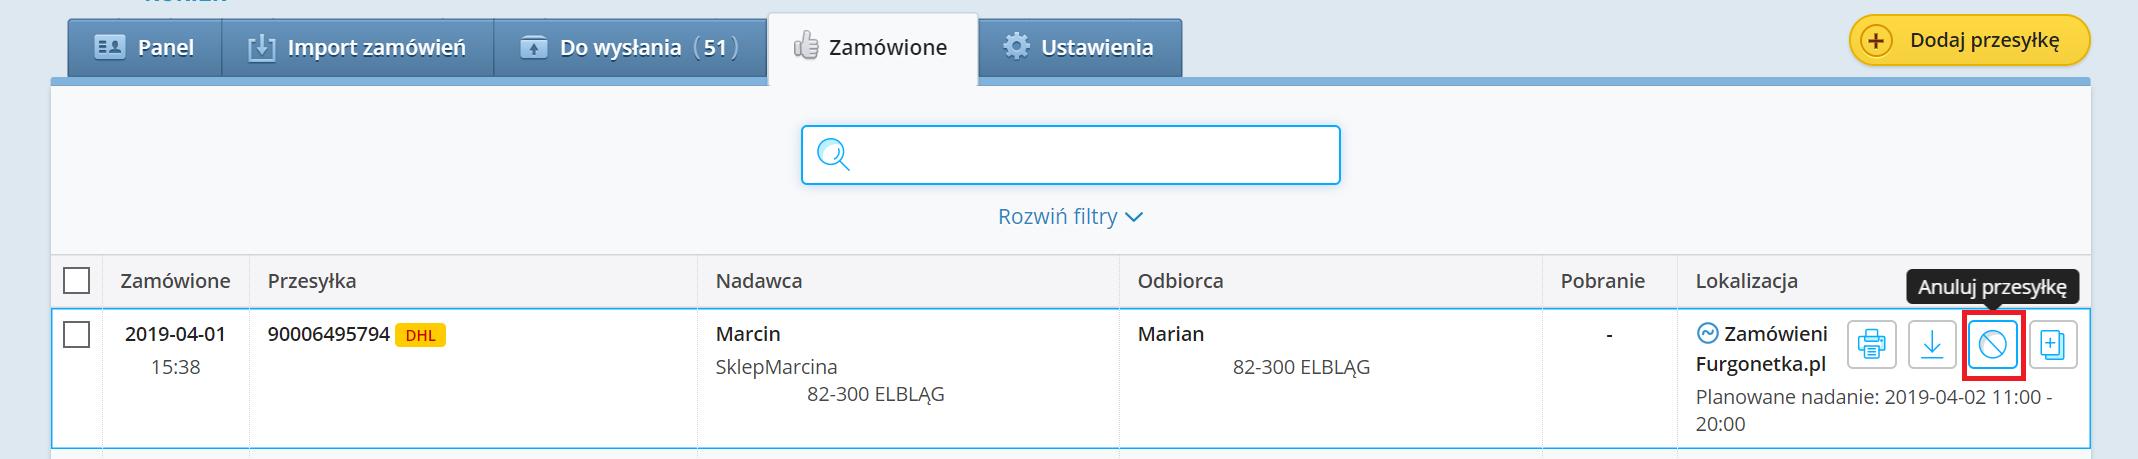 Opcja samodzielnego anulowania każdej przesyłki na Furgonetka.pl